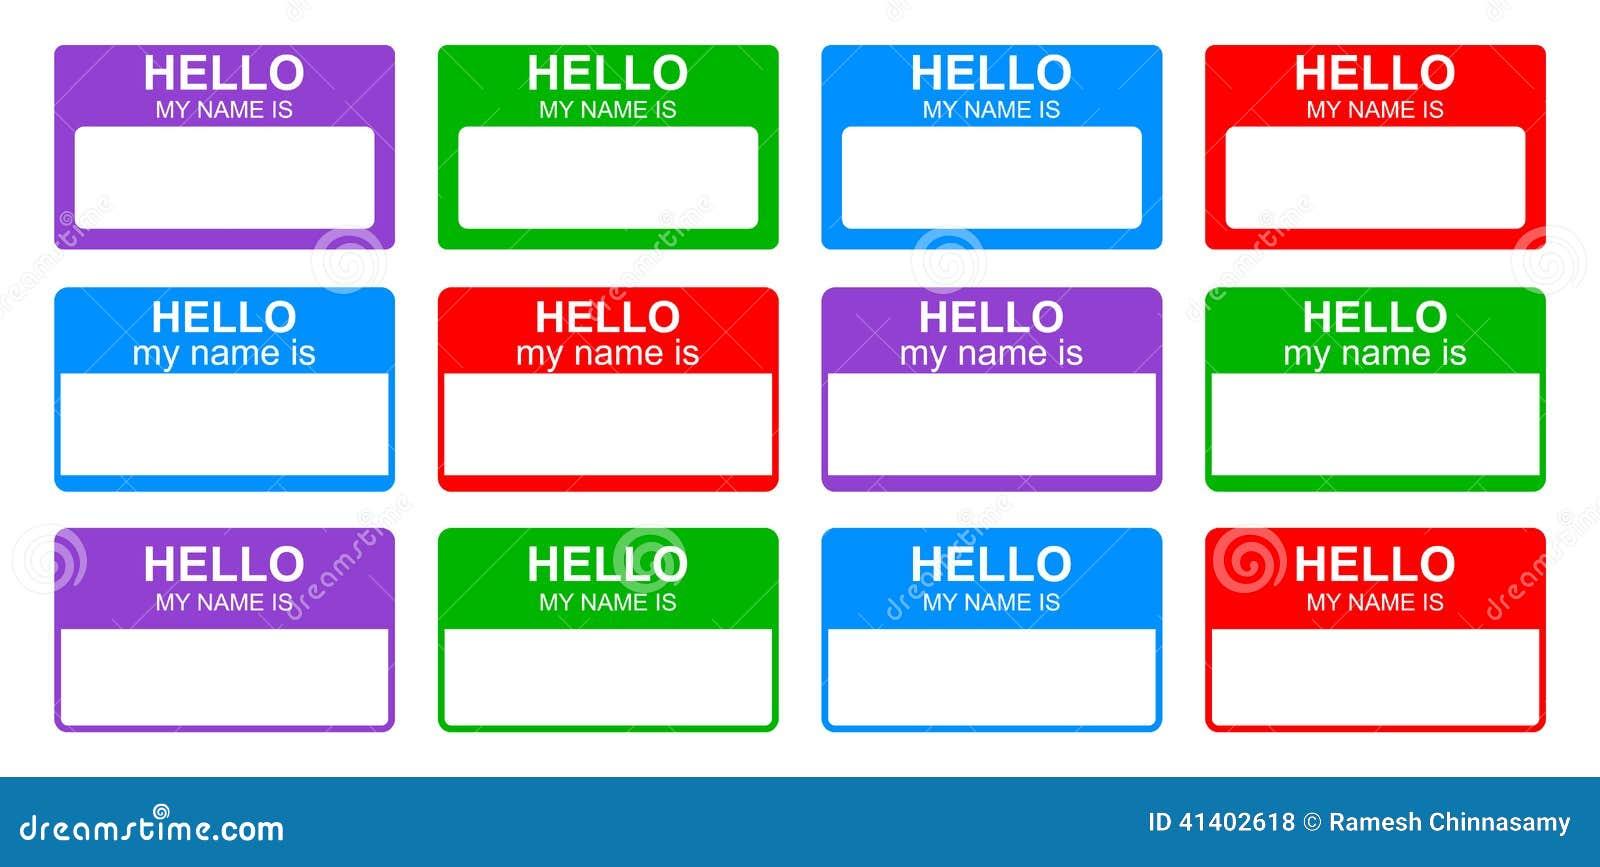 Hallo ist mein Name